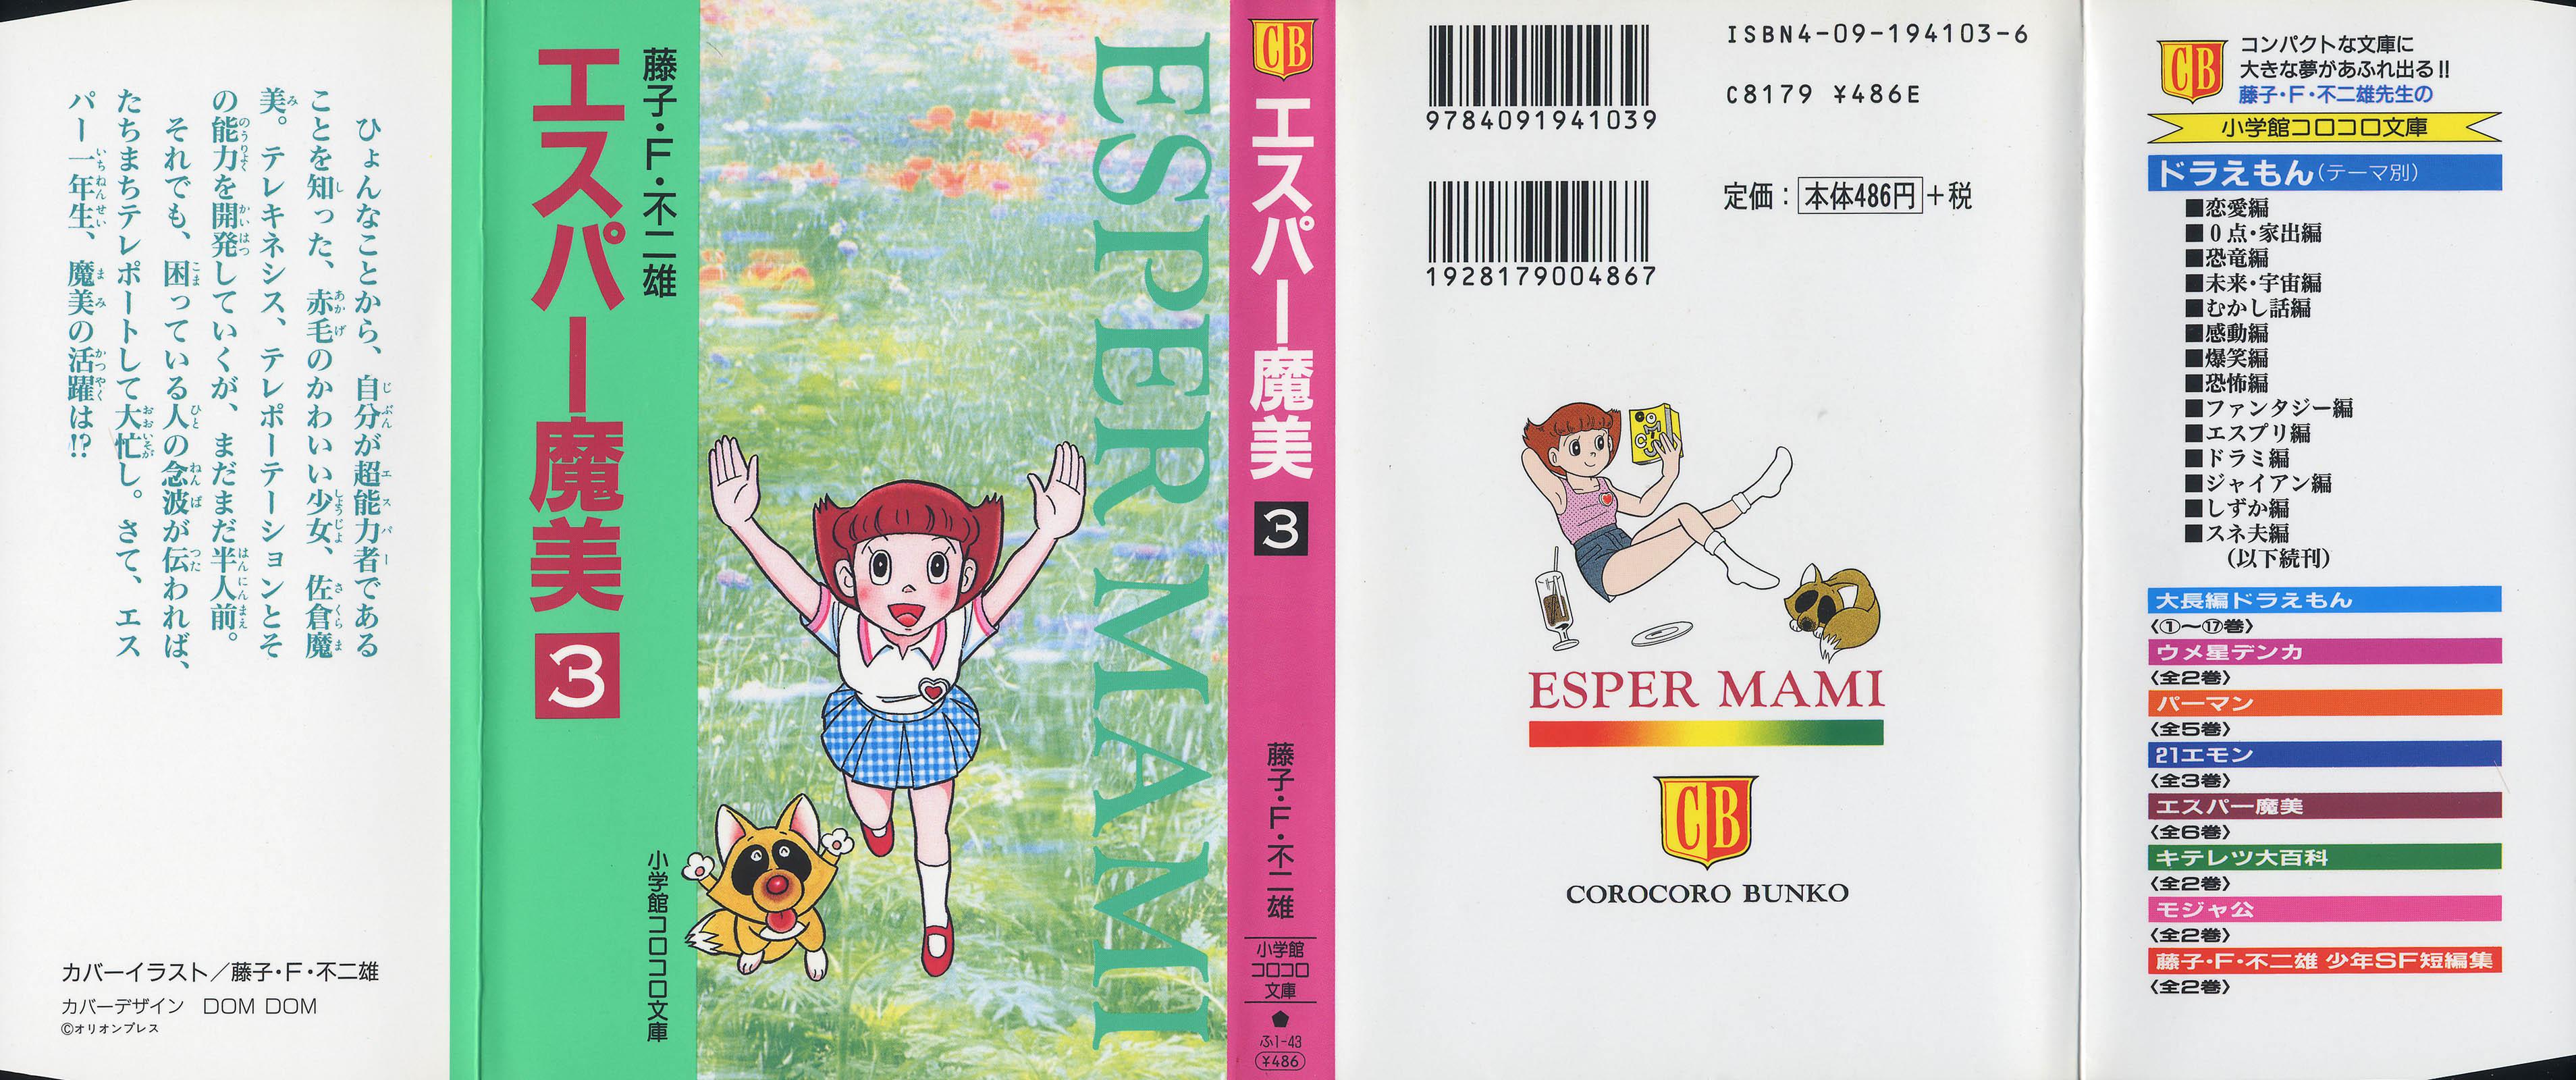 Esper Mami- Siêu nhân Mami Chap 016